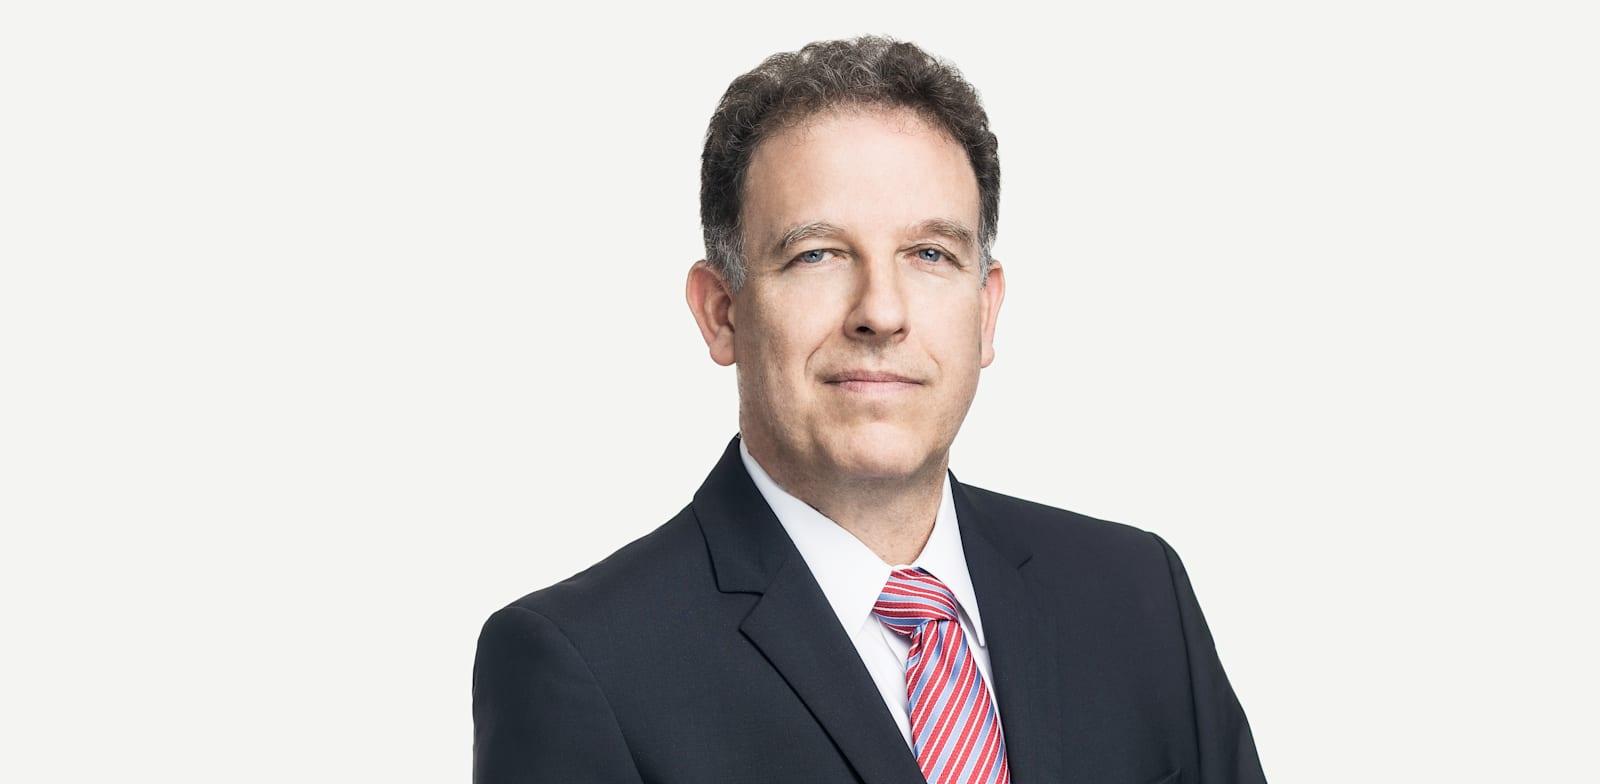 """דורון בלשר, מנכל אורמת / צילום: יח""""צ"""